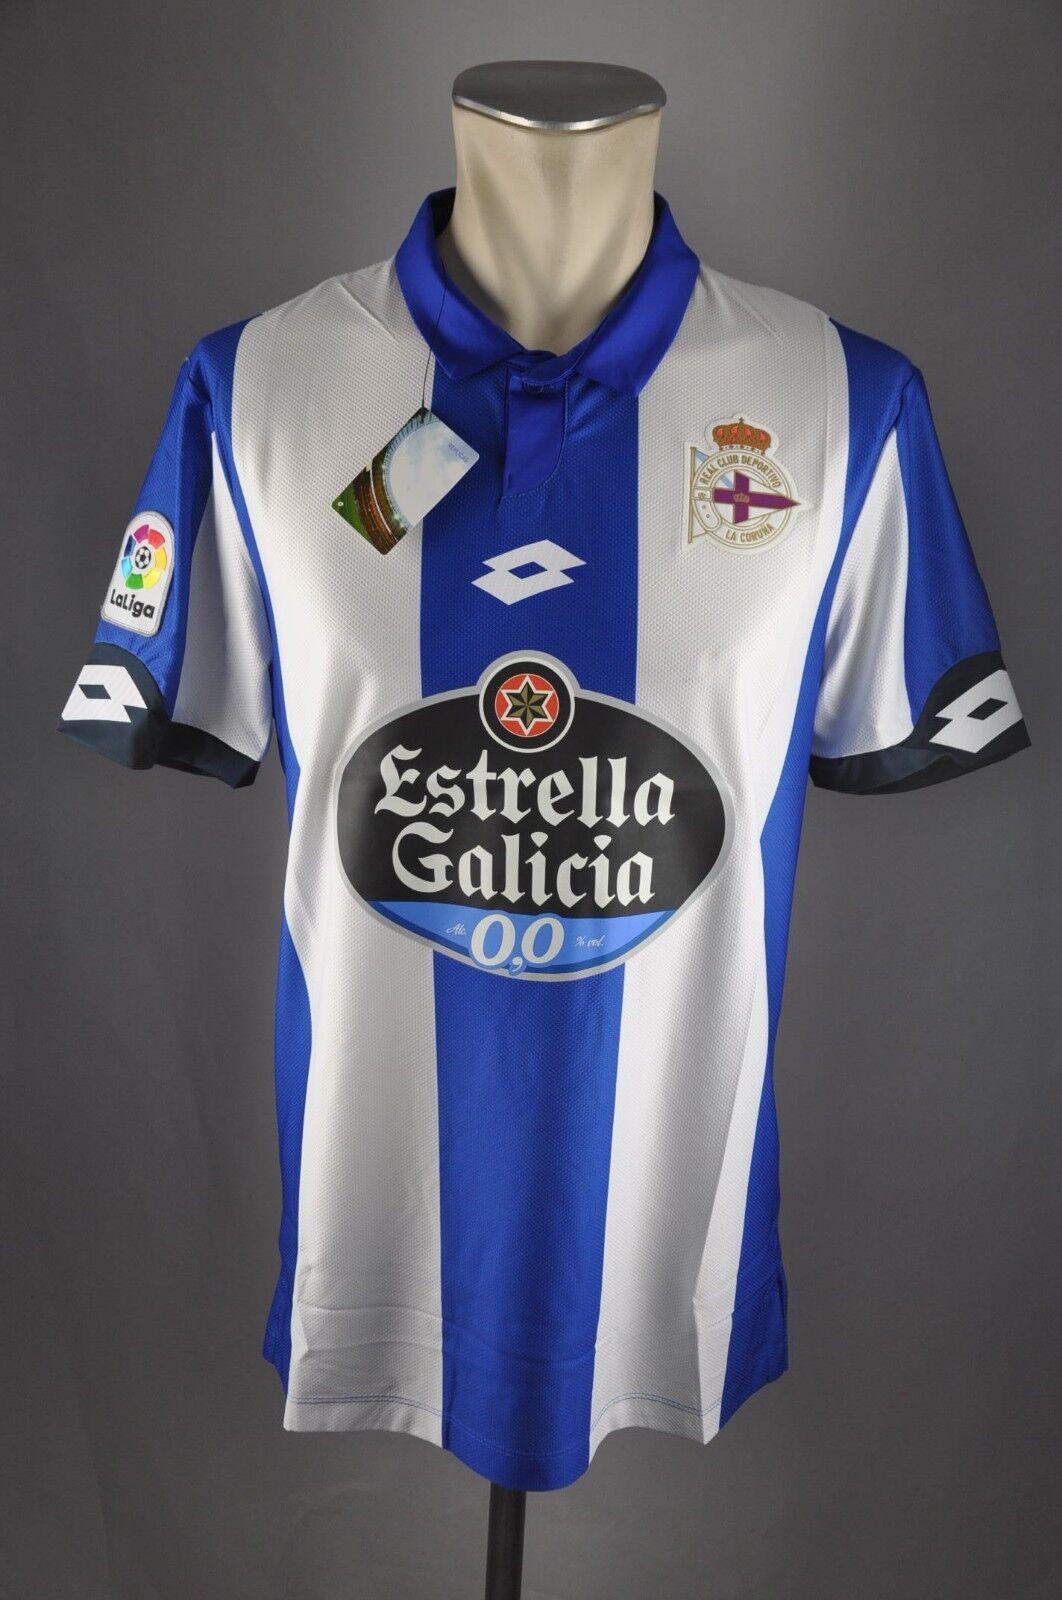 Deportivo La Coruna Trikot Gr. S M L XL XXL Lotto Estrella Galicia 2016-17 Home